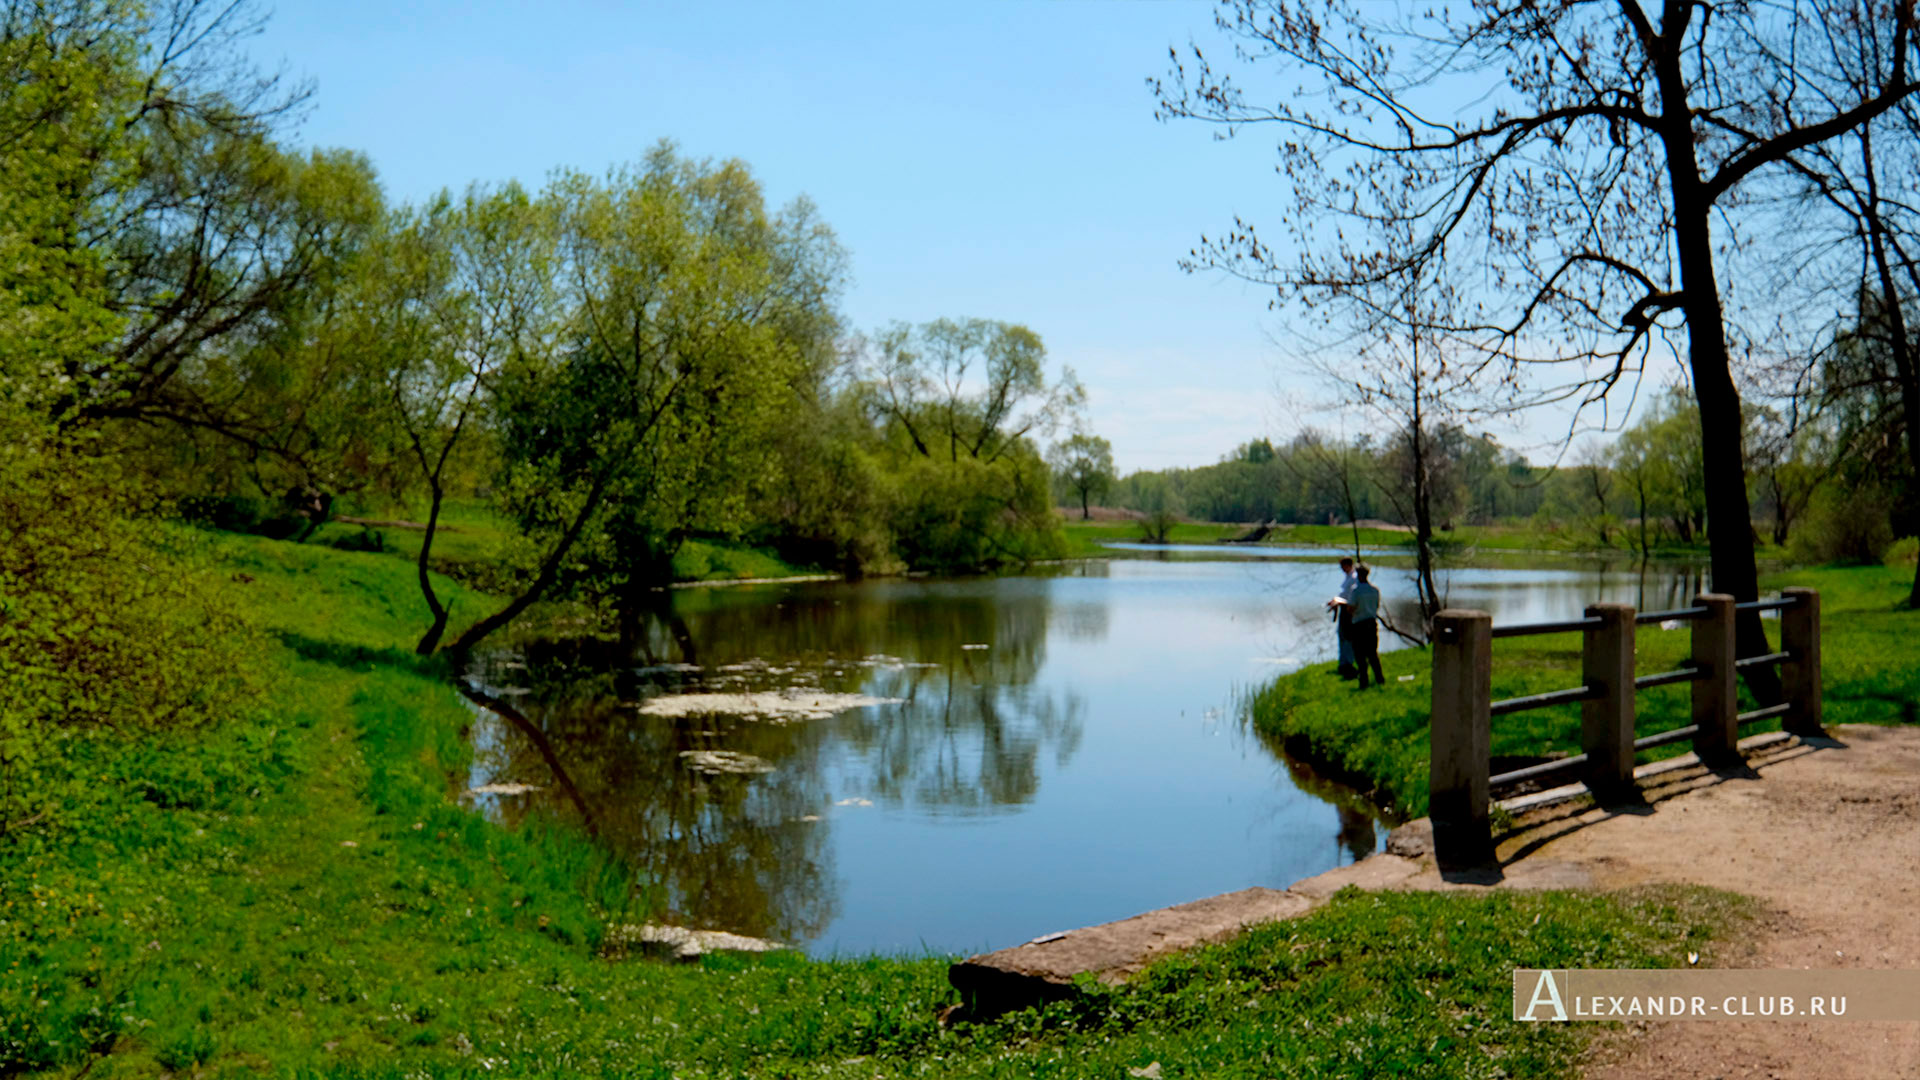 Петергоф, Луговой парк, весна, мостик на Орлинском пруду – 2